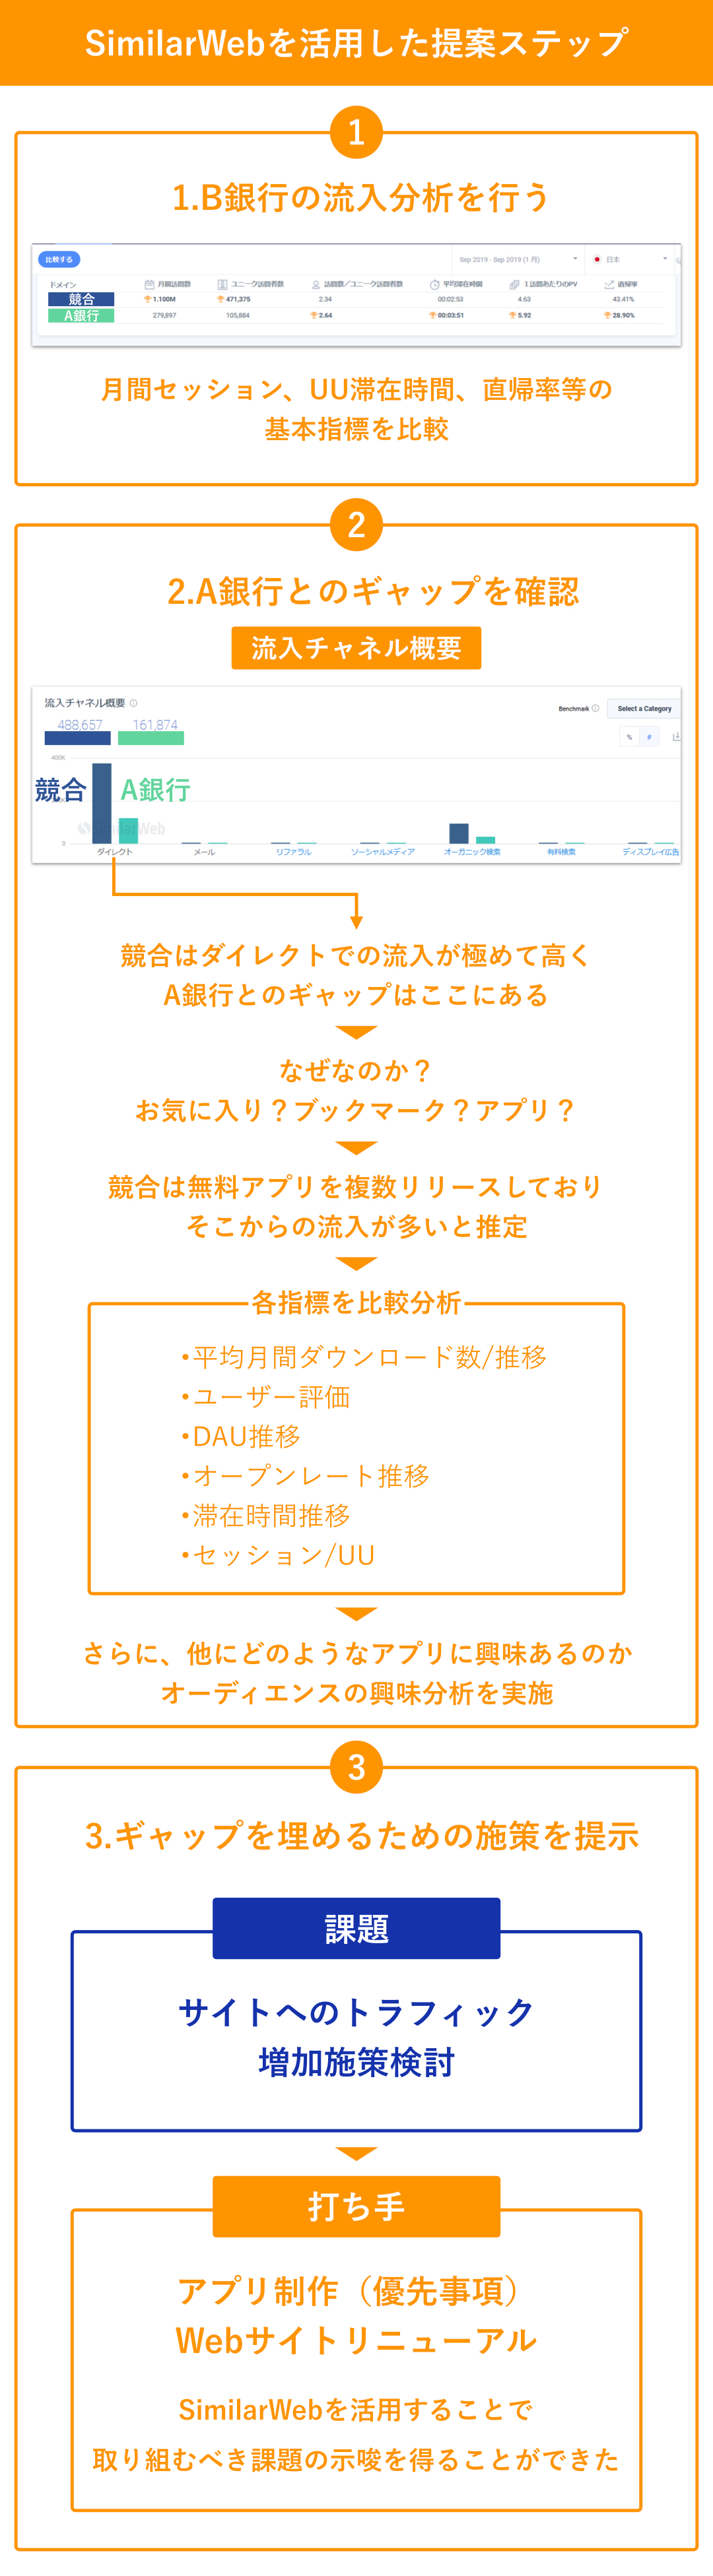 大日本印刷株式会社:加藤 綱貴 SimilarWebを活用した提案ステップ